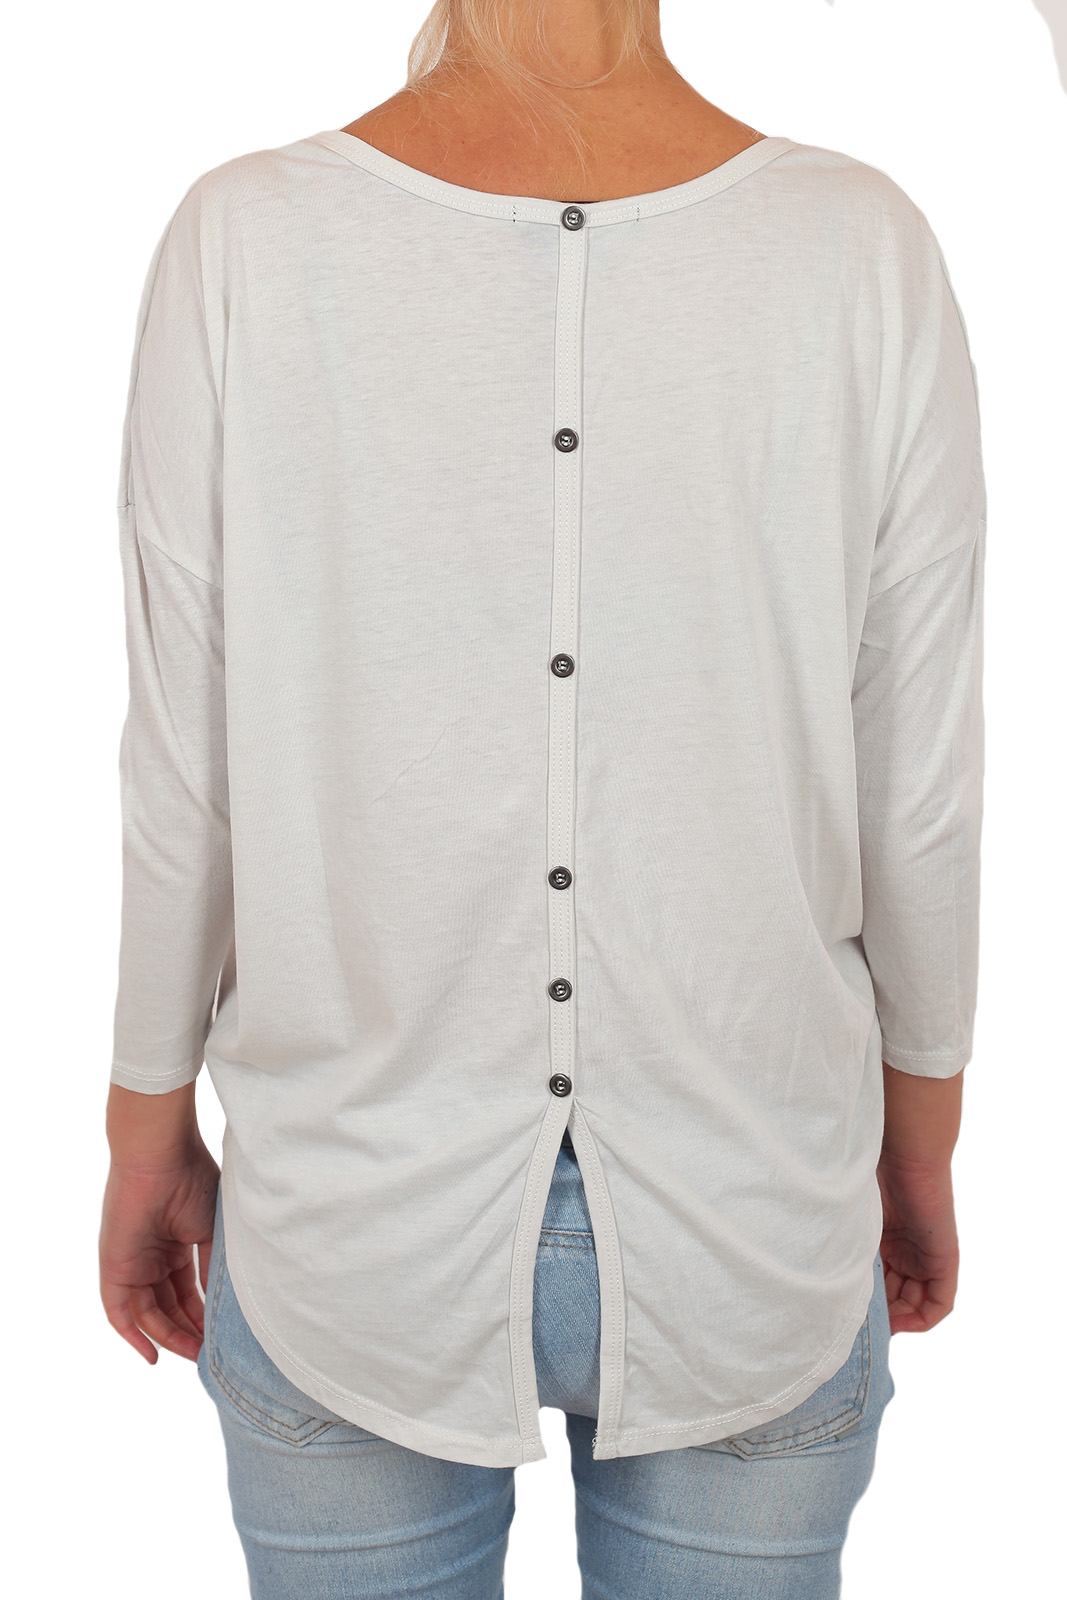 Оригинальная ЭТНИКА! Женская кофта блуза от ТМ Rock and Roll Cowgirl. Необычный крой, скандинавский узор, удлинённый «хвост». Только в нашем каталоге!